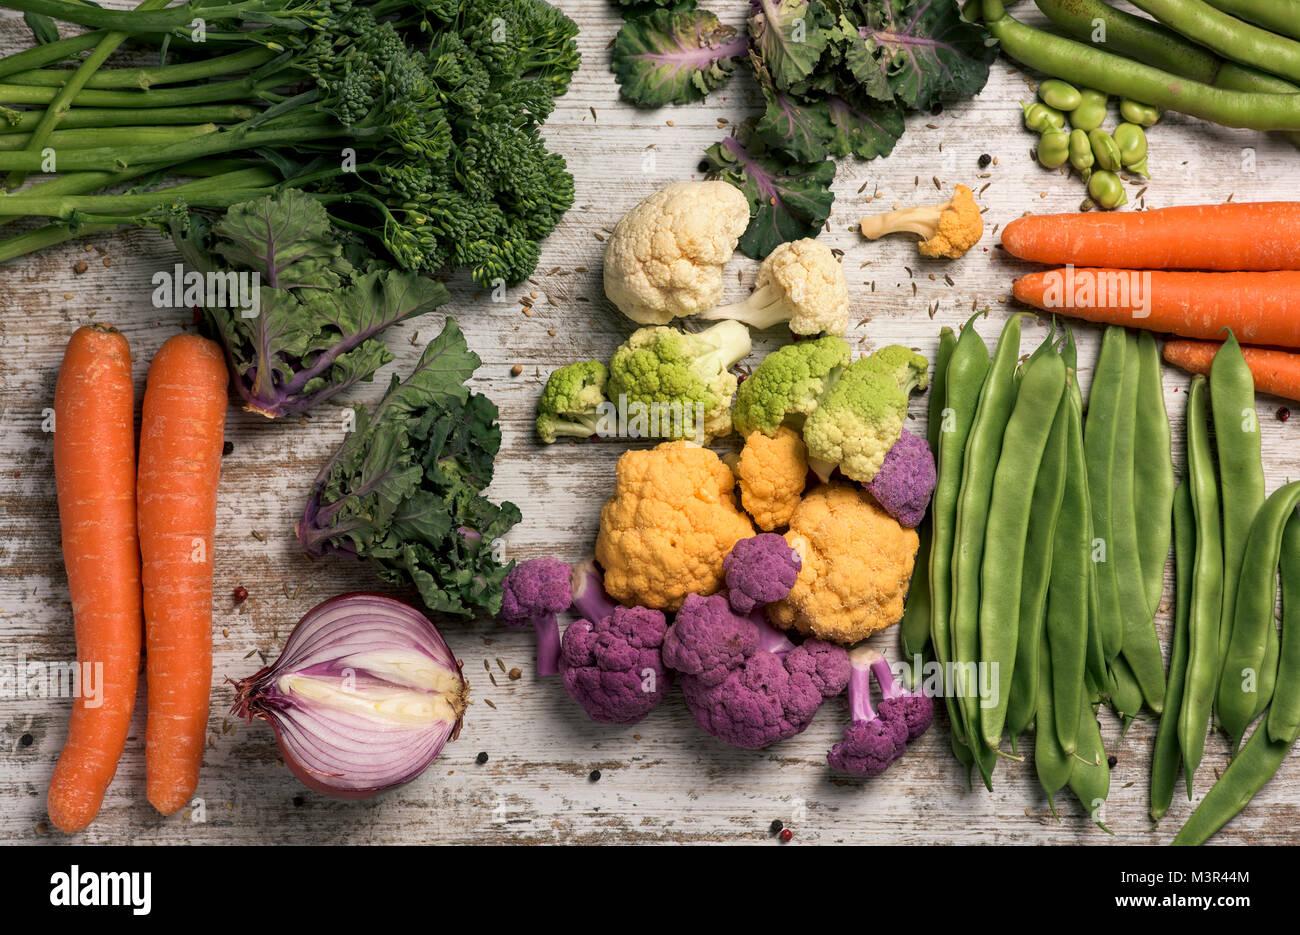 Elevato angolo colpo di alcune diverse verdure crude, come i cavolfiori di diversi colori, broccolini, fave, fagioli Immagini Stock